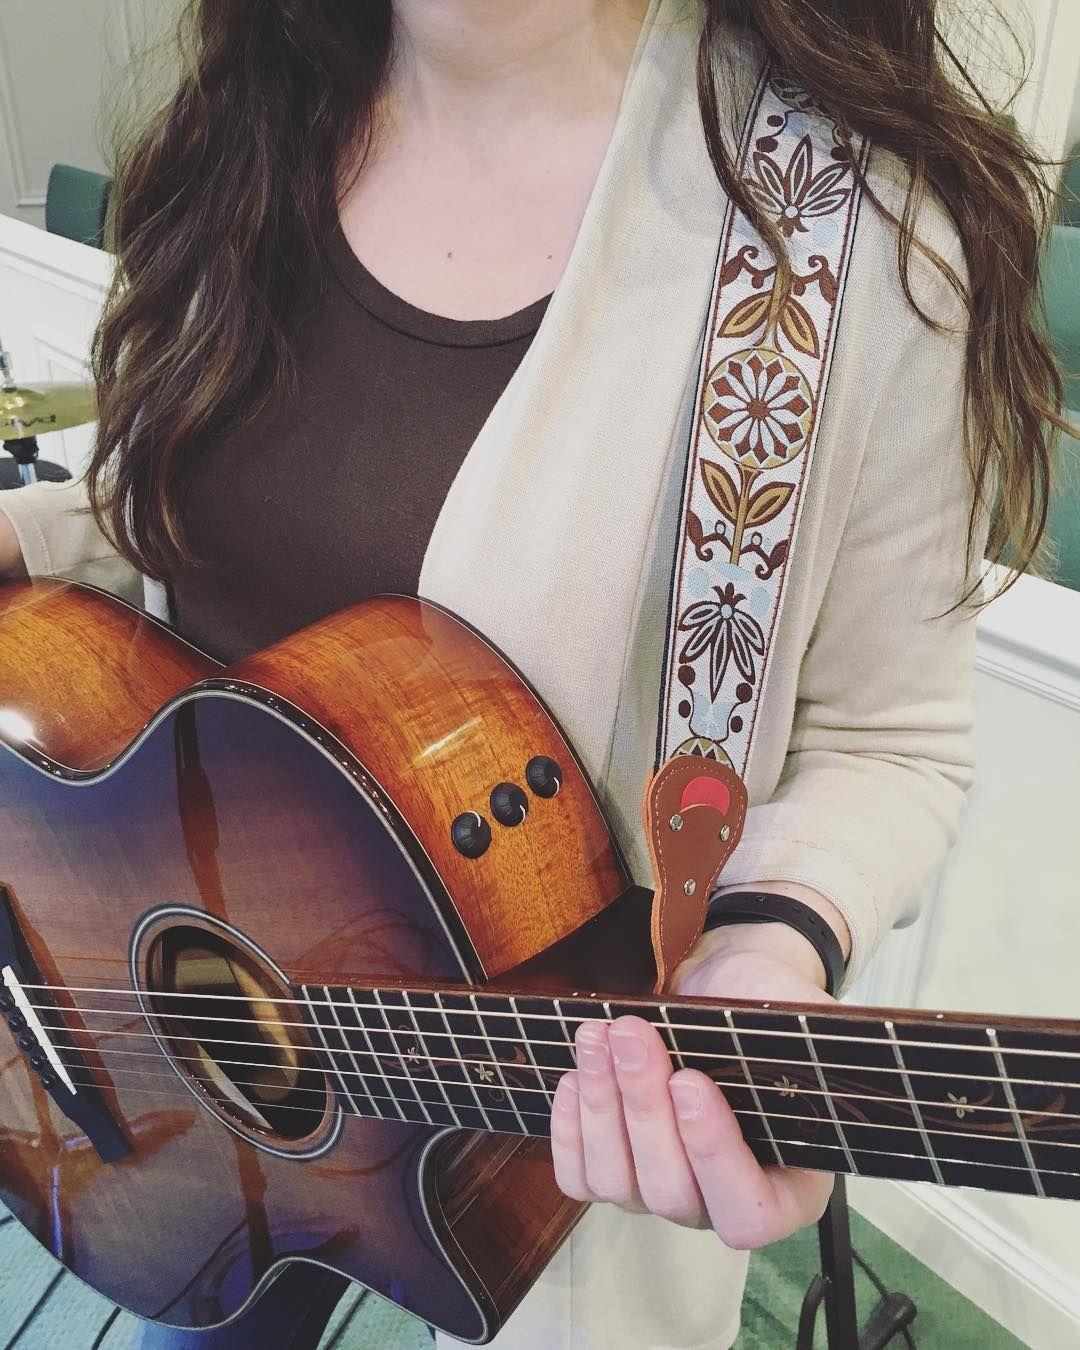 2 Guitar Strap Vintage Guitar Strap Acoustic Guitar Etsy Guitar Strap Vintage Acoustic Guitar Strap Acoustic Guitar